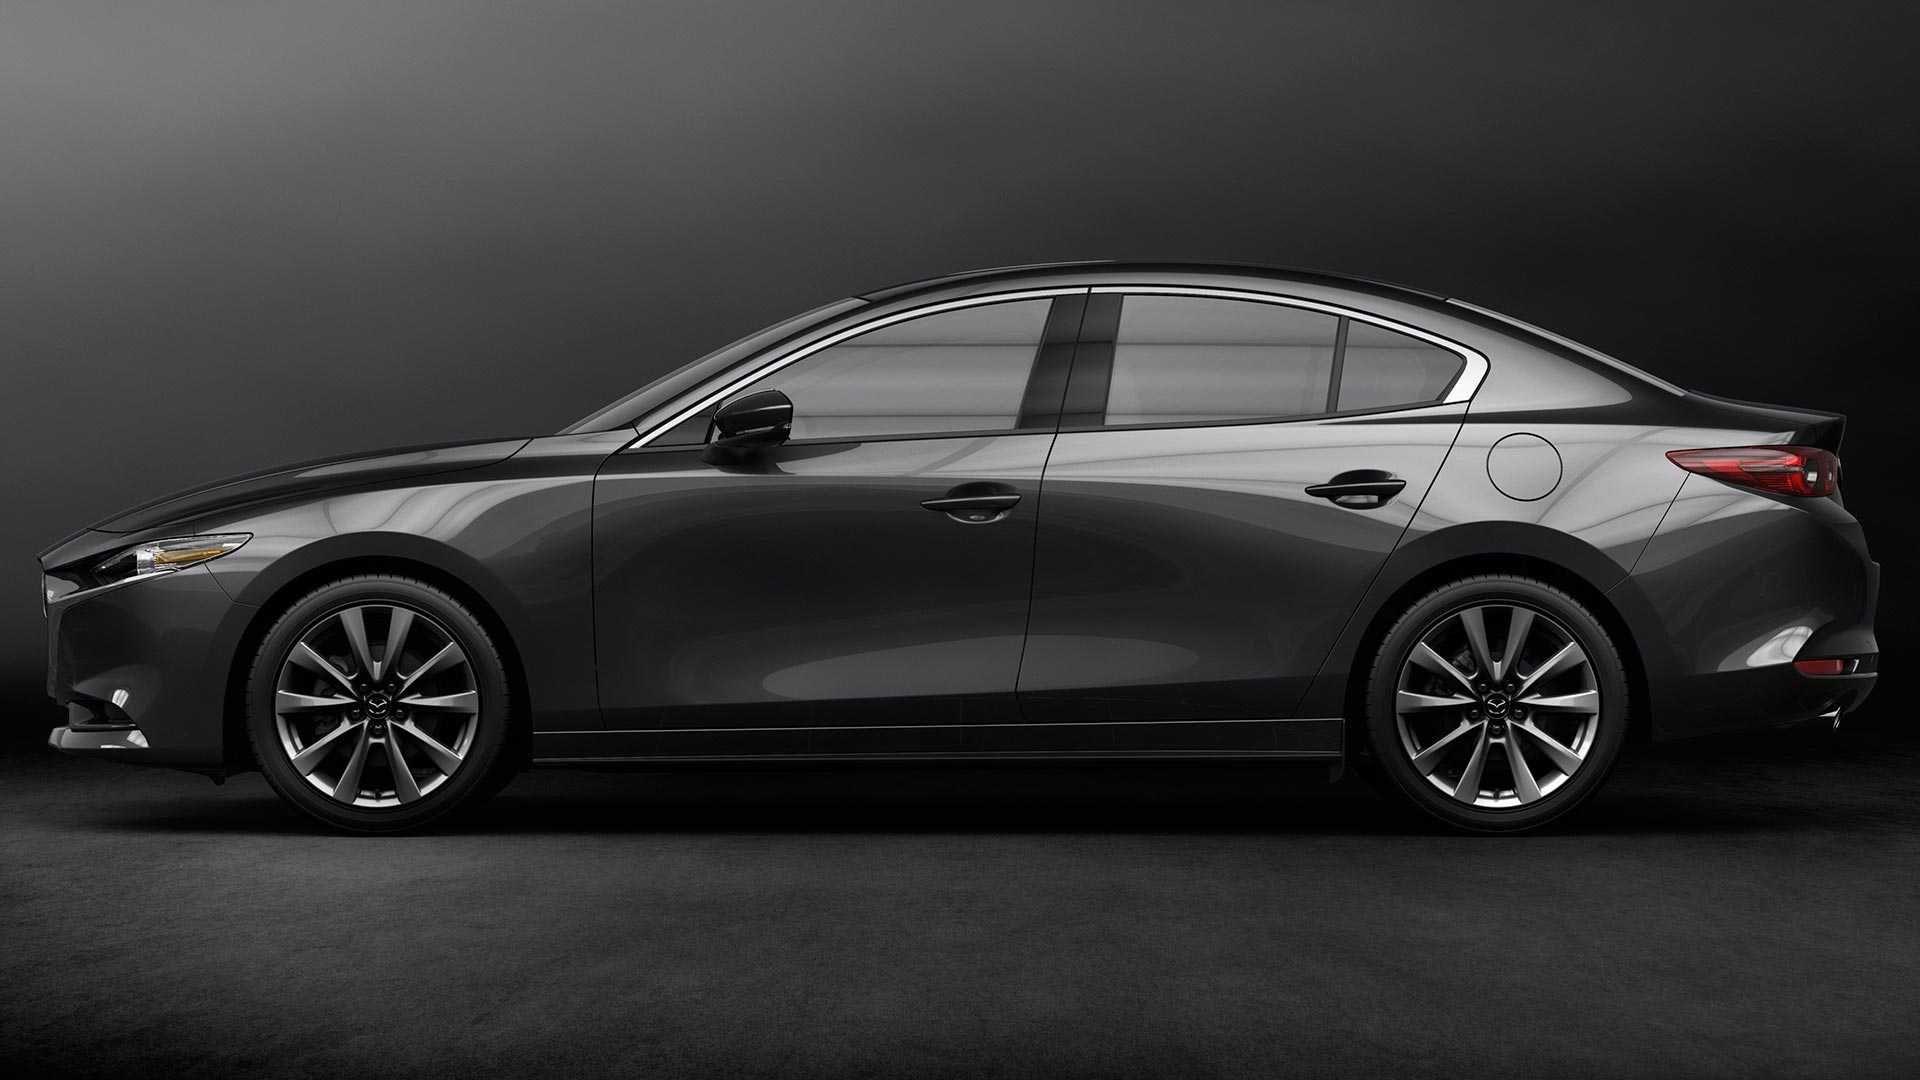 New Mazda3 Sedan Mazda 3 Mazda Cars Mazda 3 Hatchback